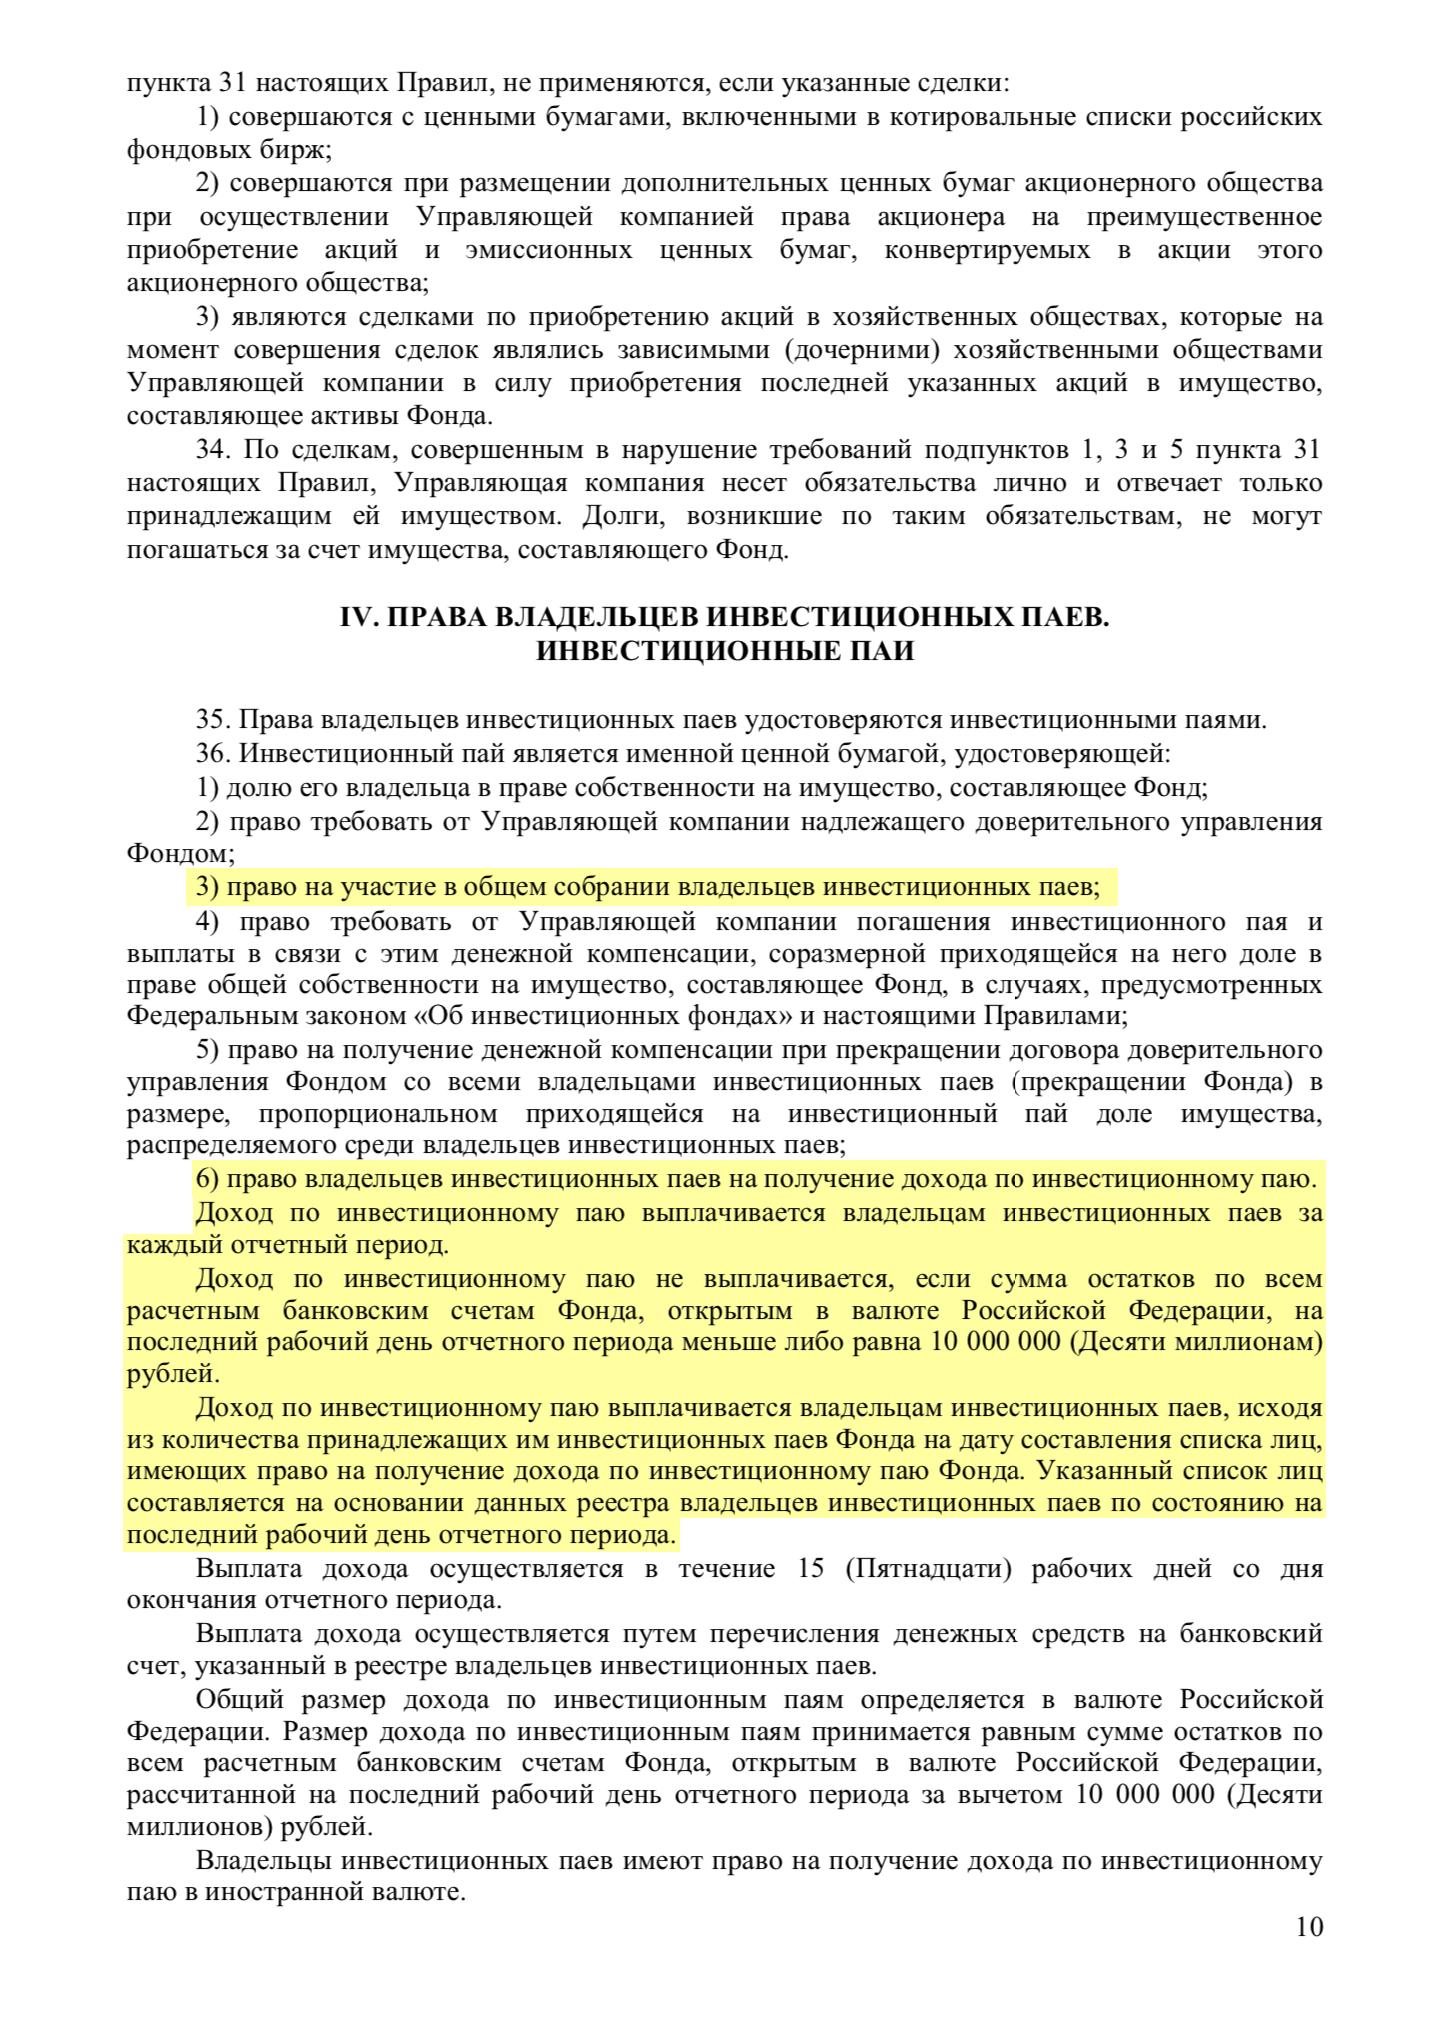 Пайщики имеют право на участие в общем собрании и на получение дохода. В этом примере выплата предусмотрена ежемесячно, но приусловии, что на последний рабочий день месяца на расчетных счетах ПИФа больше 10 миллионов рублей. Важно отметить, что депозитный счет не является расчетным и деньги, находящиеся на депозите, не идут в общий расчет суммы к выплате